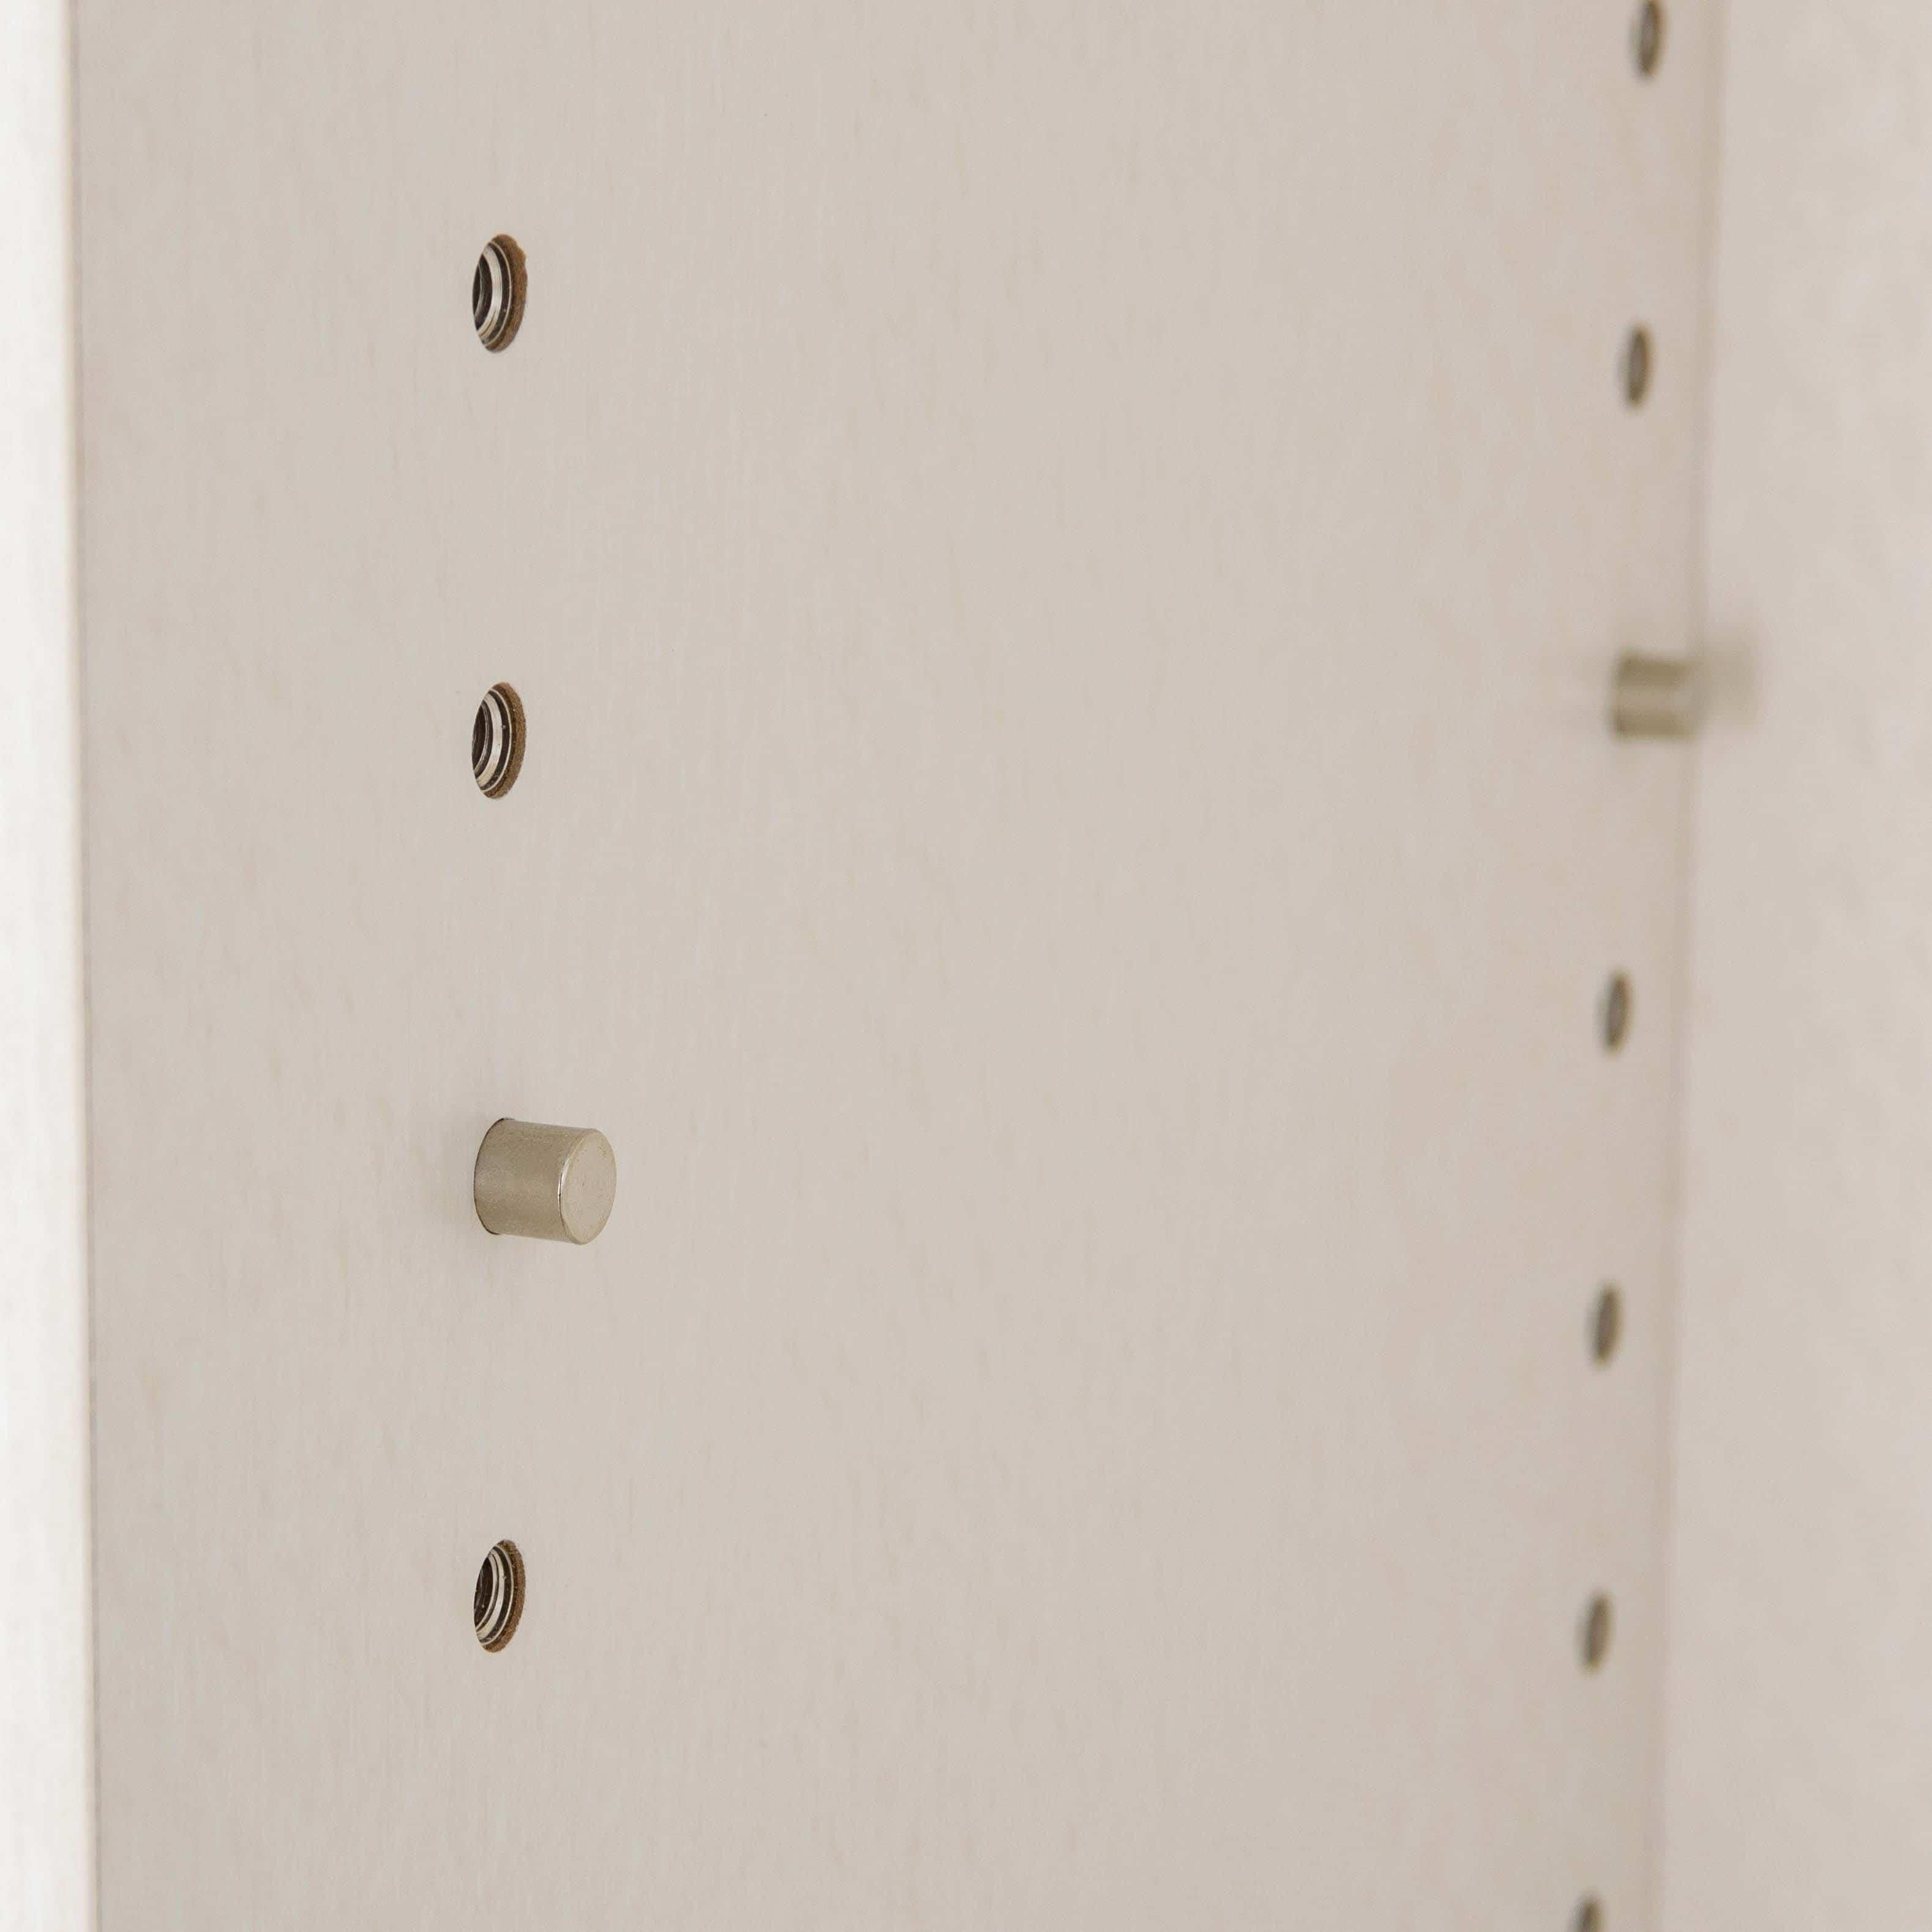 小島工芸 書棚 アコード105L(ウォールモカ):キレイに収まる魅せる収納